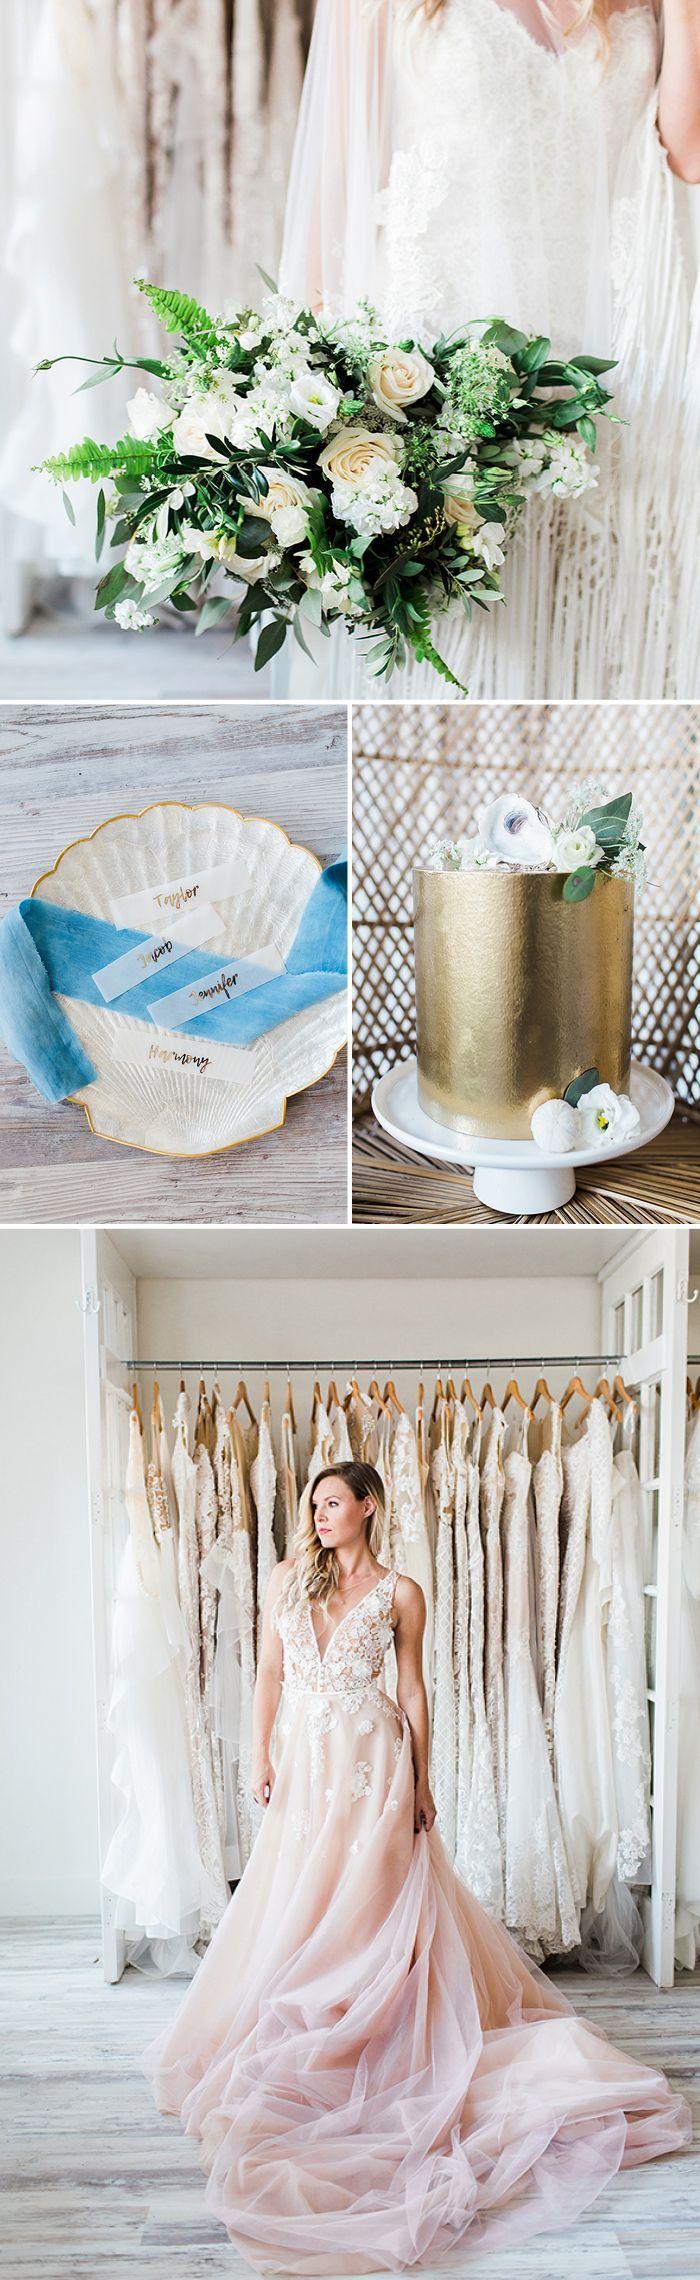 Boho Bride Inspiration with Coastal Style https://heyweddinglady.com/boho-bride-inspiration-coastal-style/